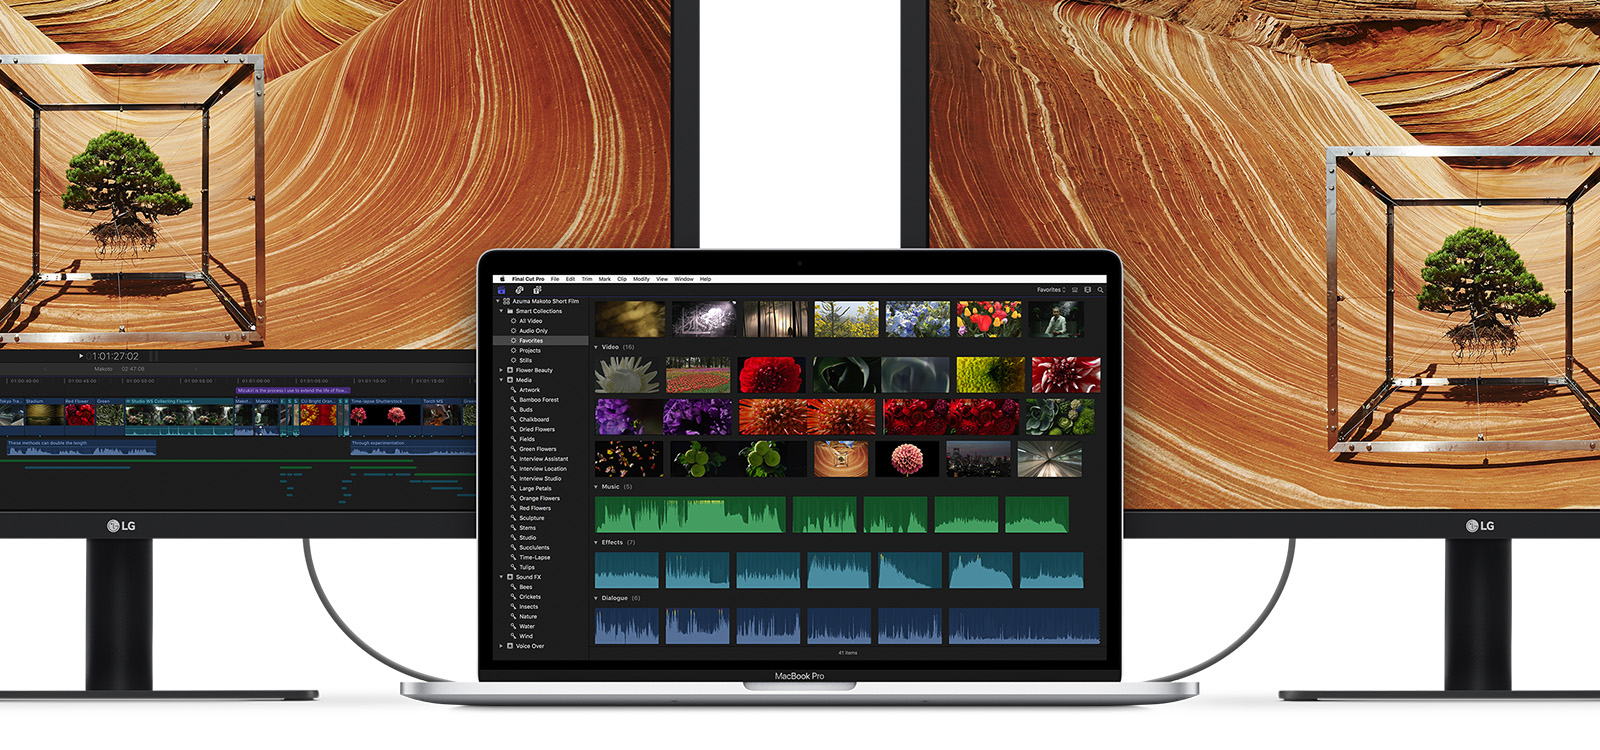 2016年 MacBook Pro 外部ディスプレイ出力